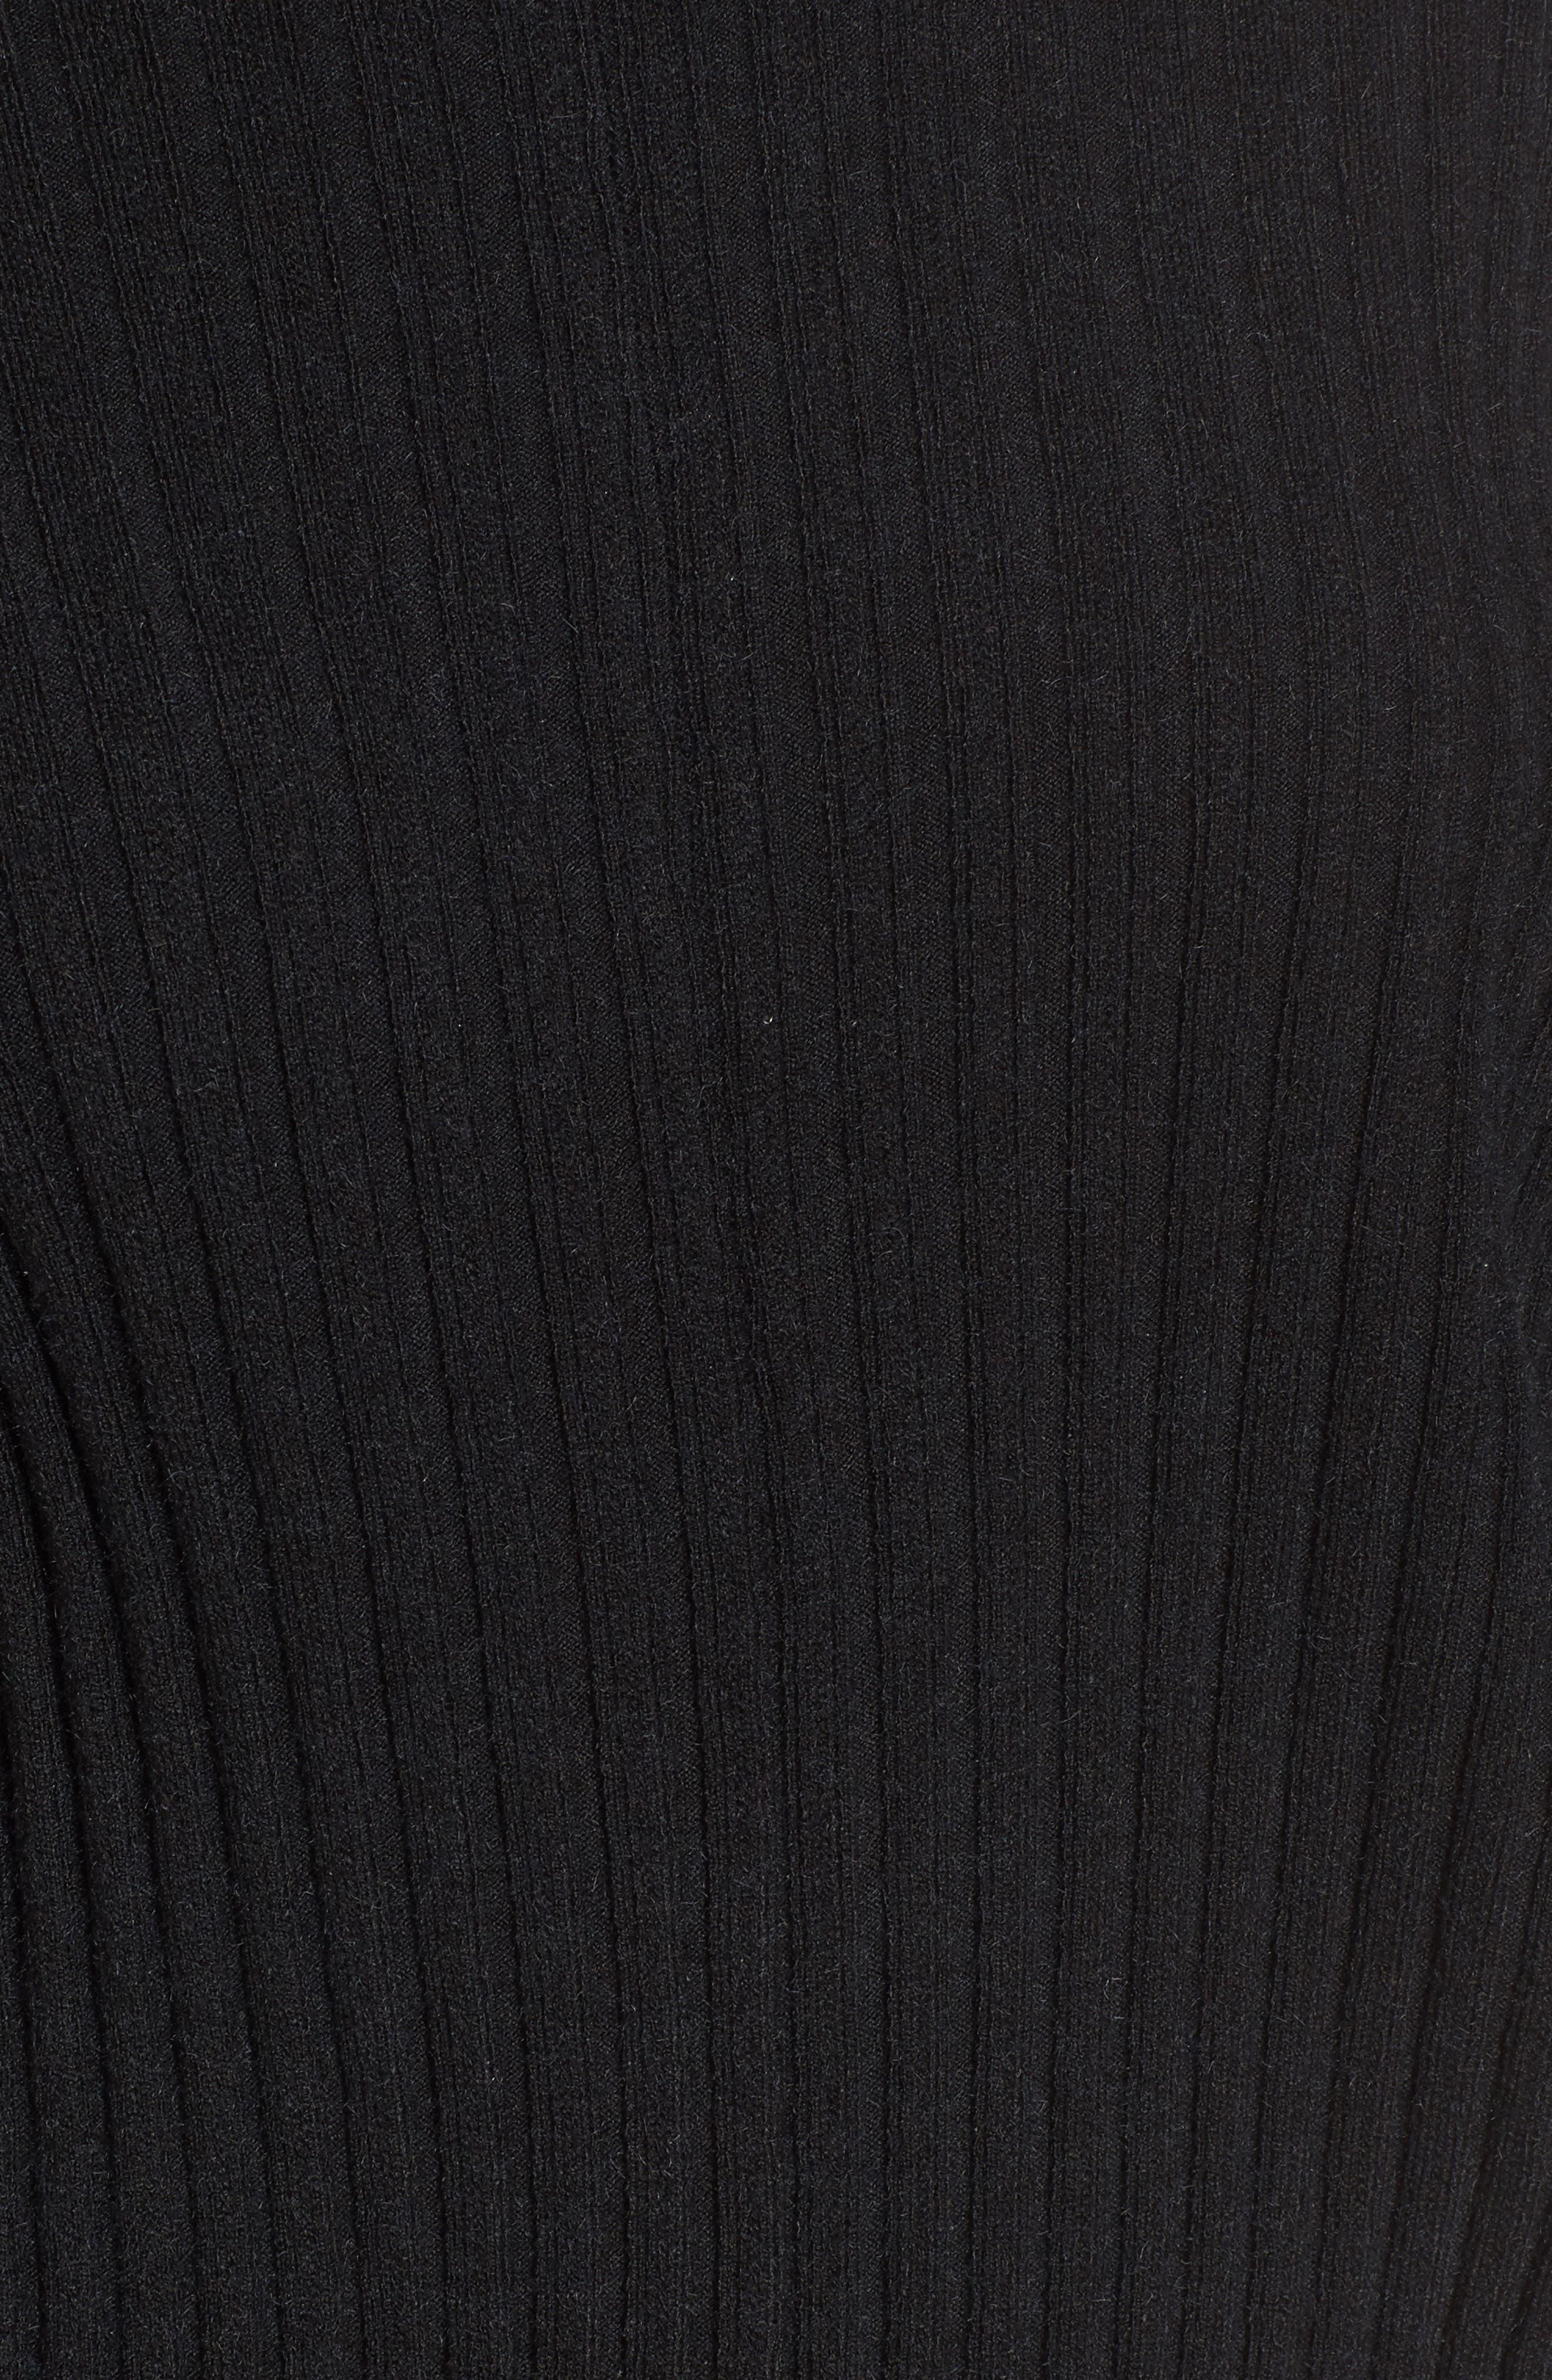 Rib Knit Blouson Sweater,                             Alternate thumbnail 5, color,                             001